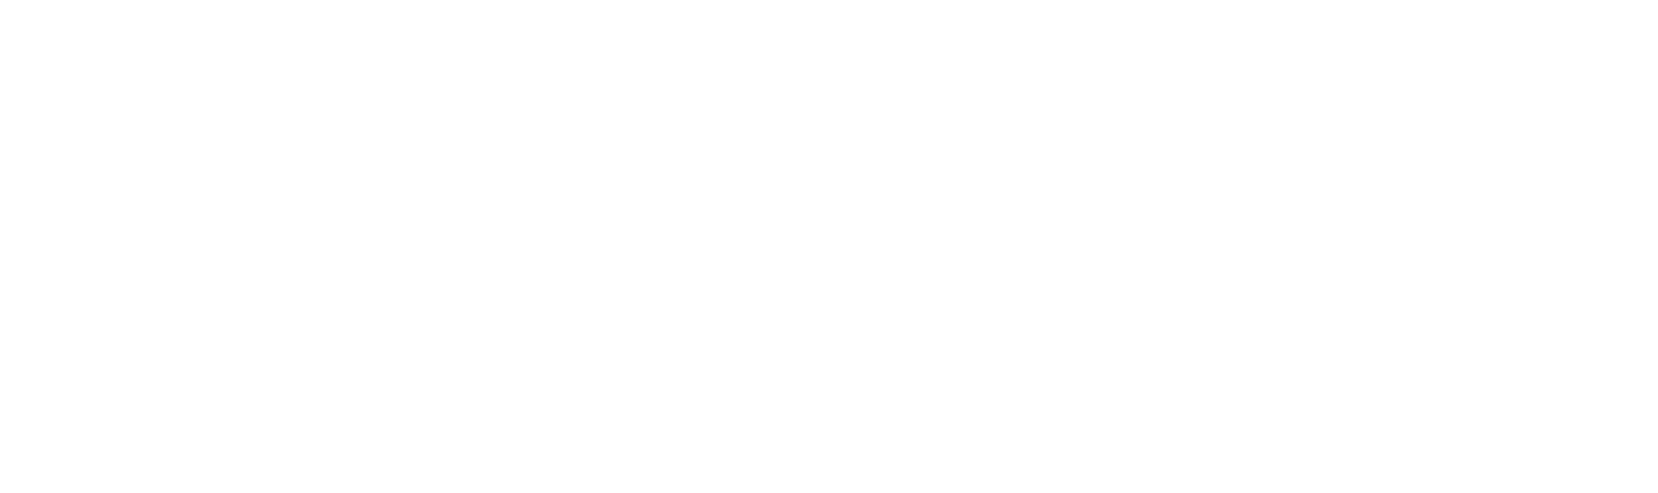 武汉楷恩医院有限公司1号线